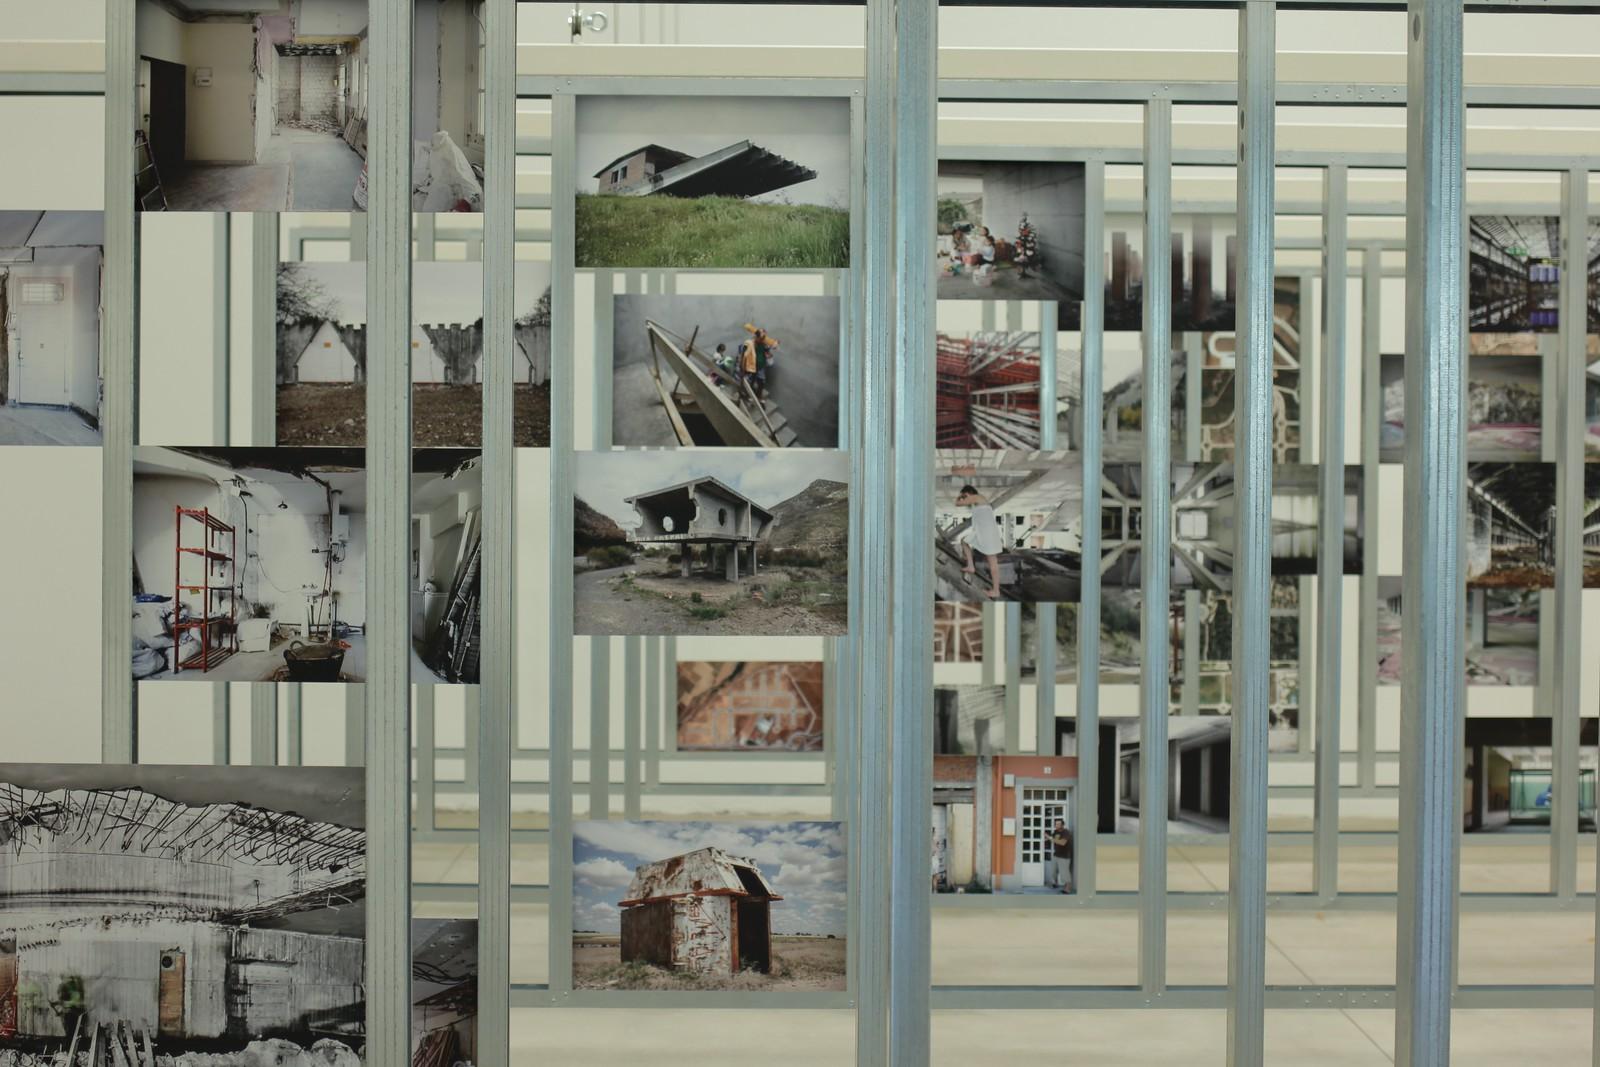 Spanish Pavilion, Venice Architecture Biennale 2016